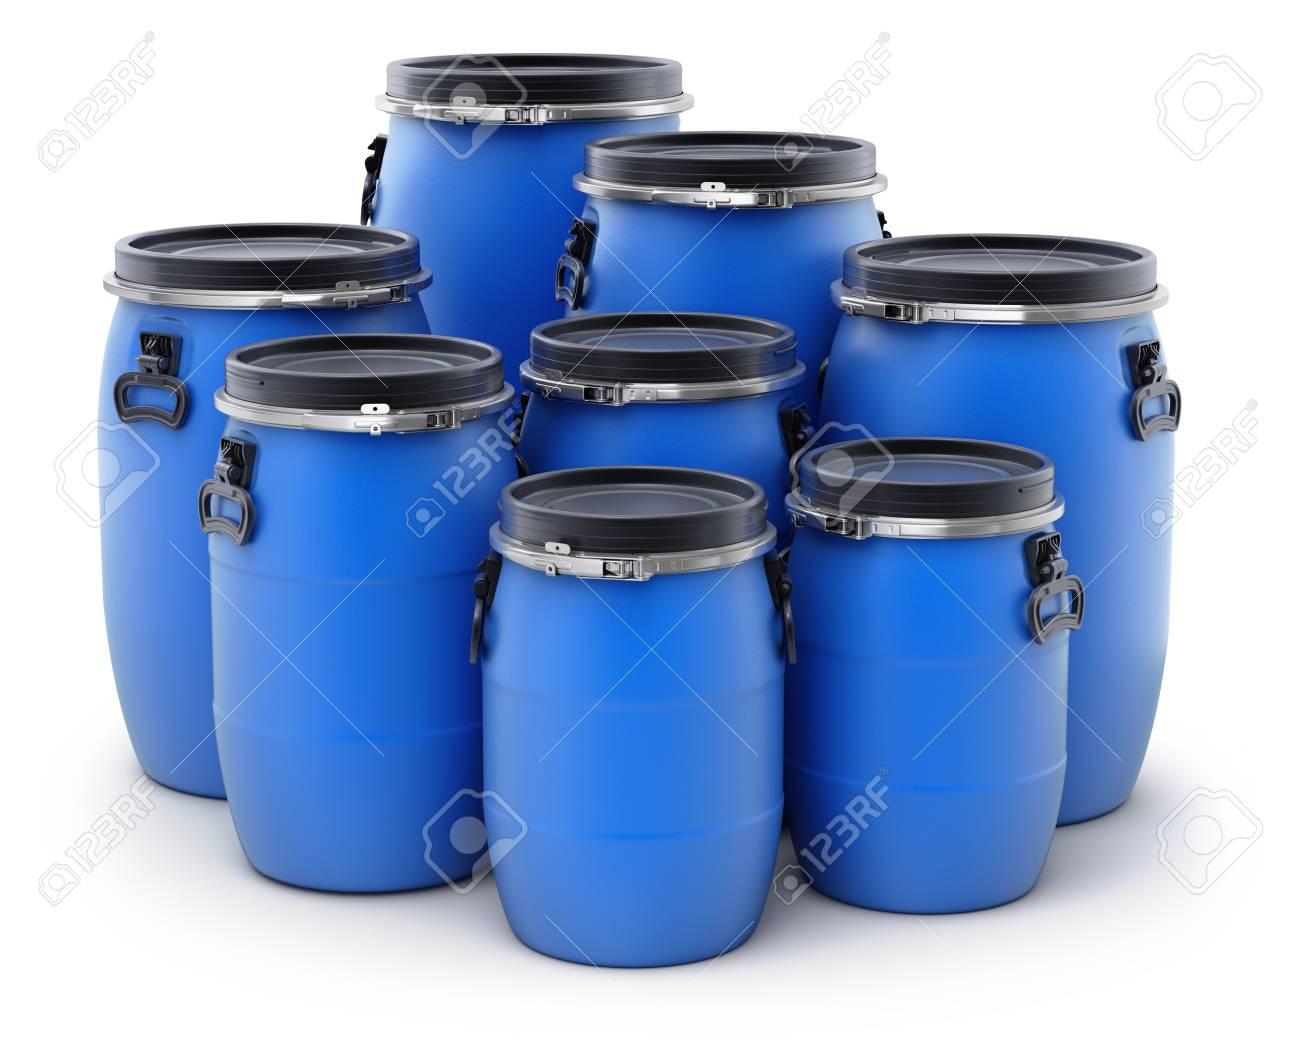 Blue Plastic Storage Barrels On White Background 3d Illustration